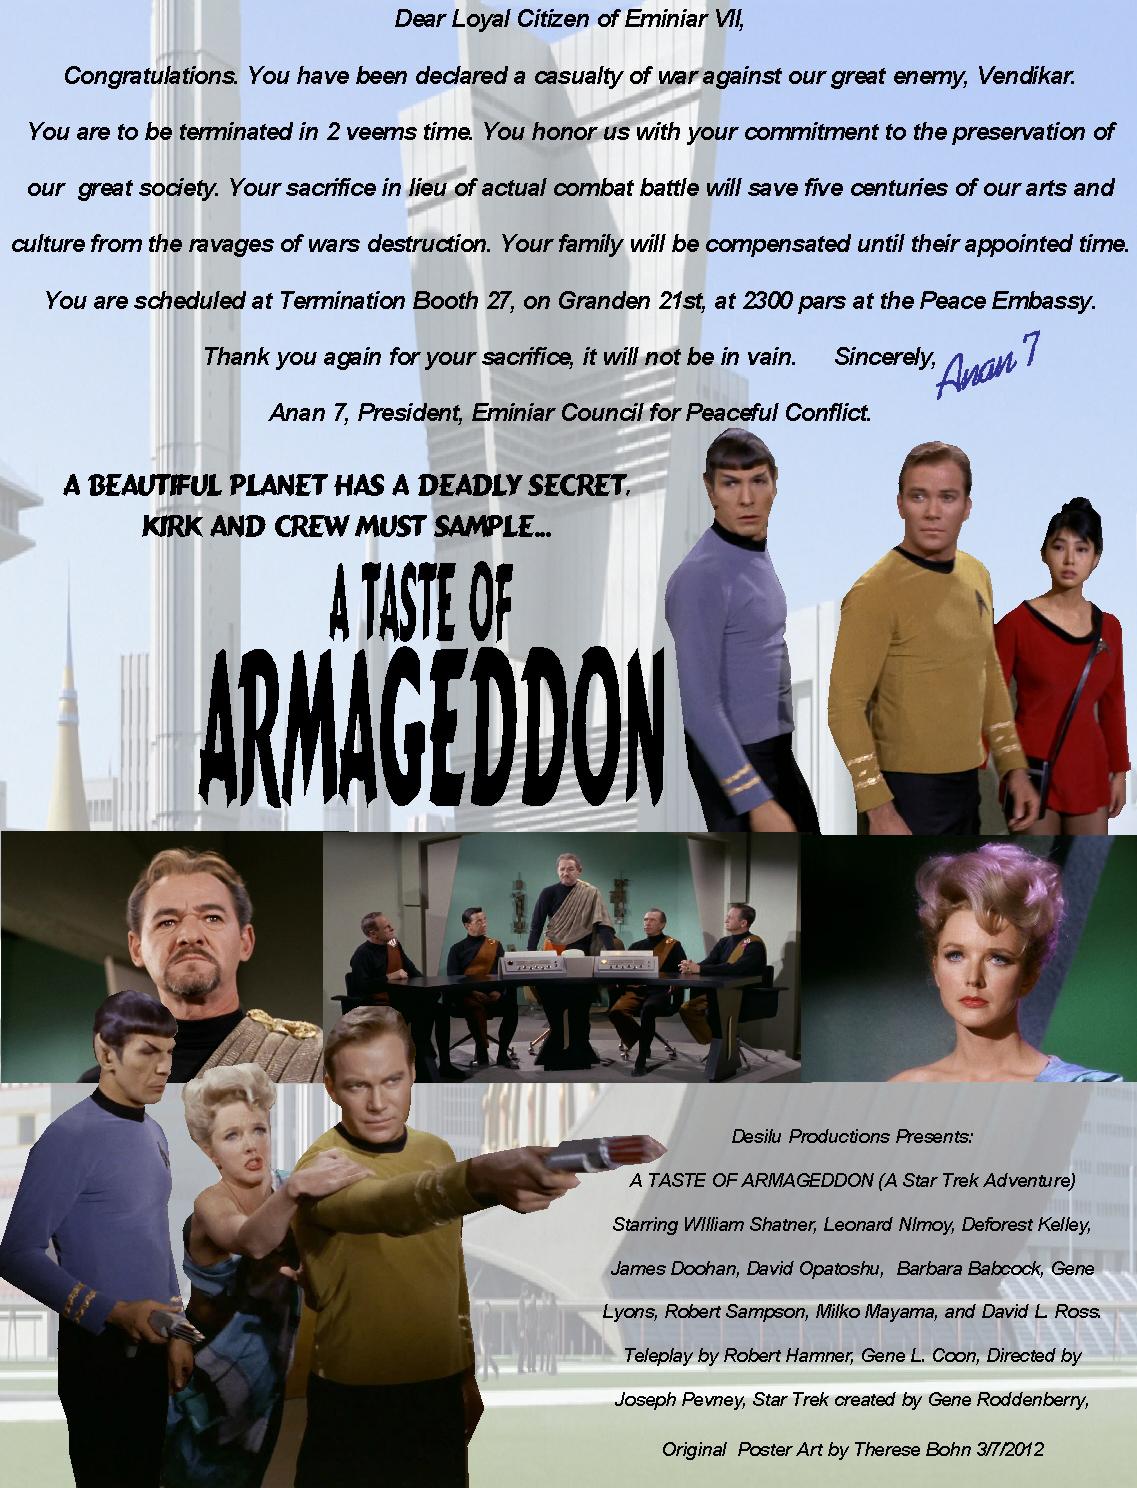 Star Trek a Taste of Armageddon